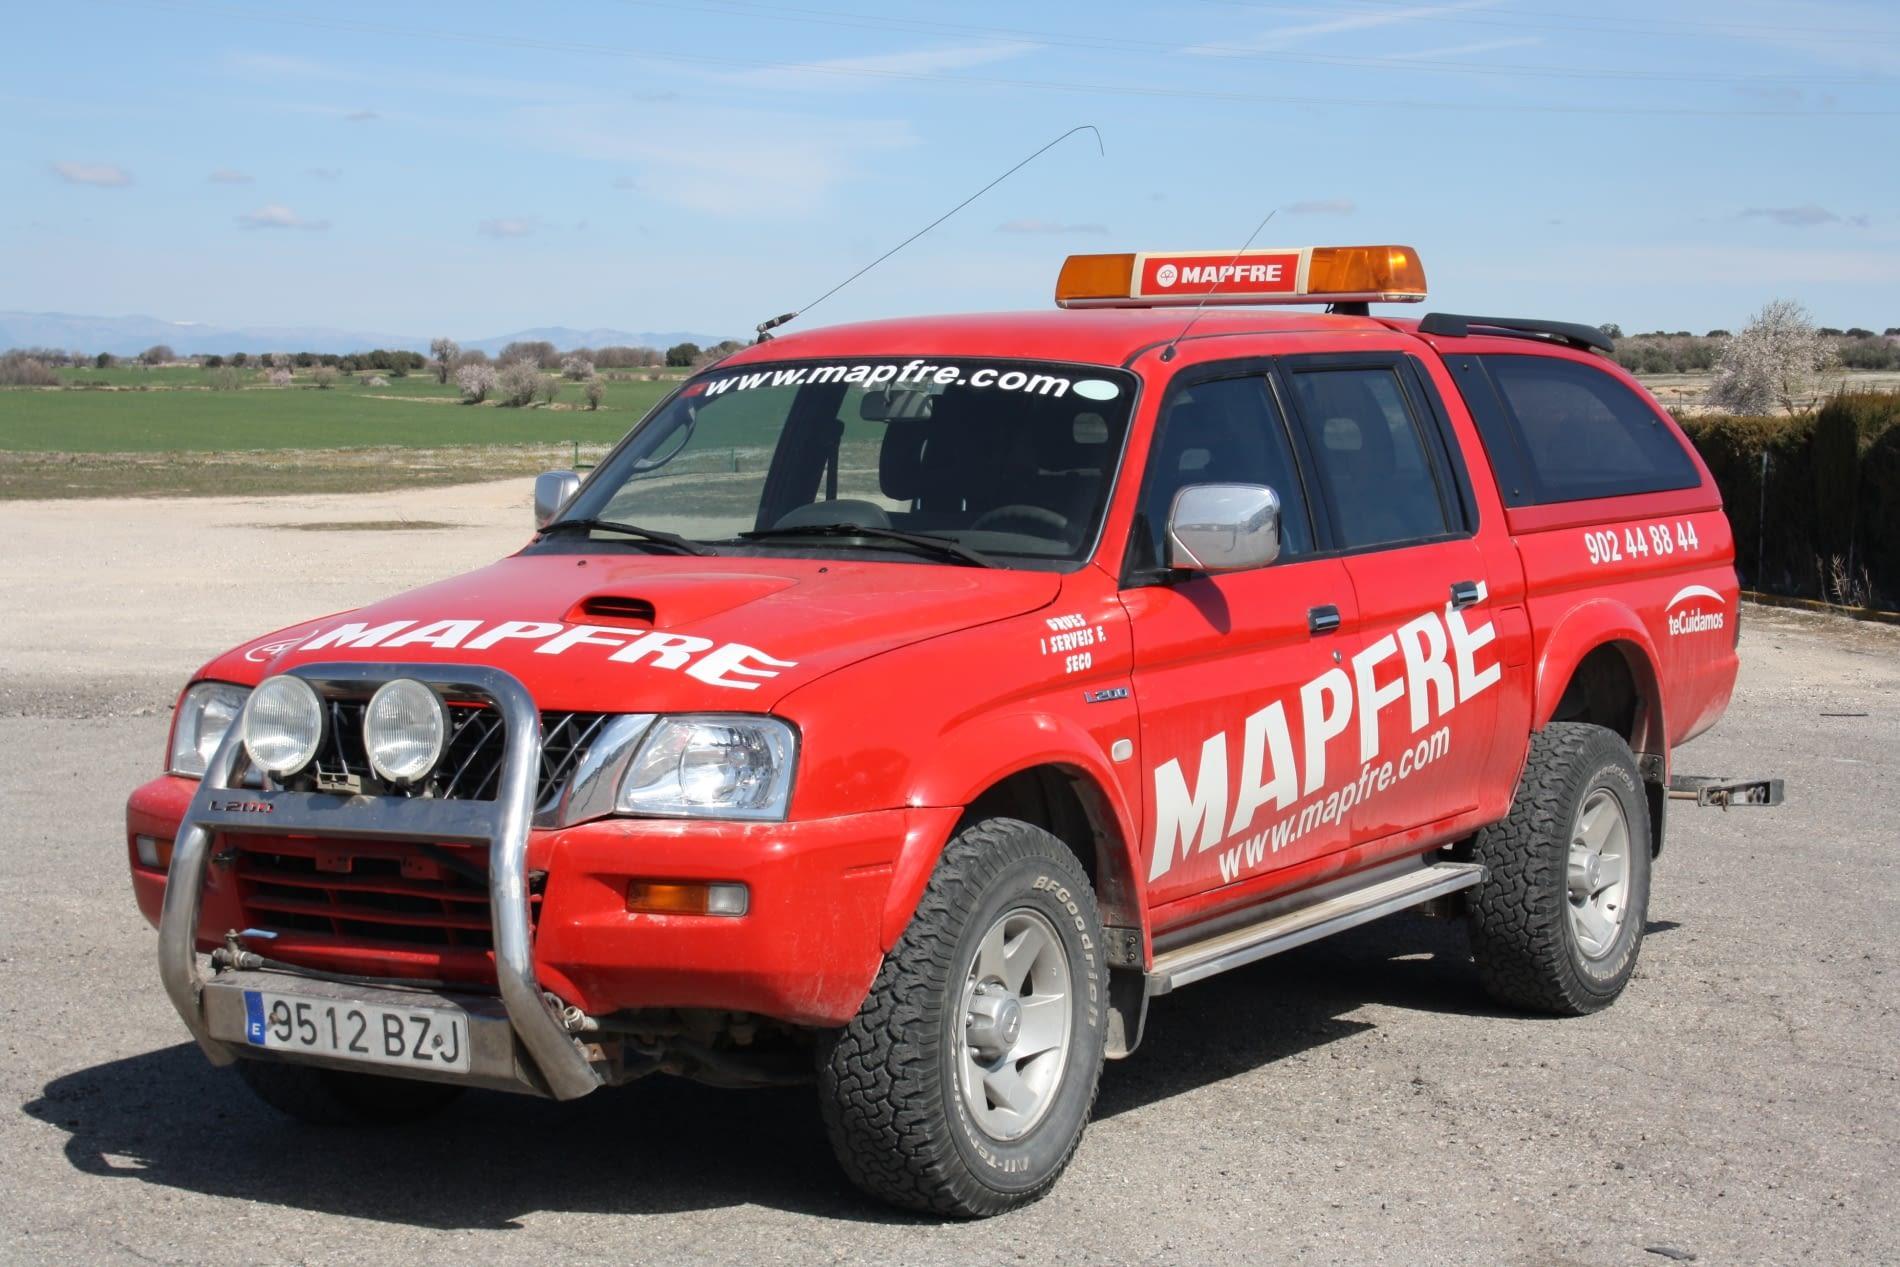 Cotxe assistencia mitsubishi mapfre